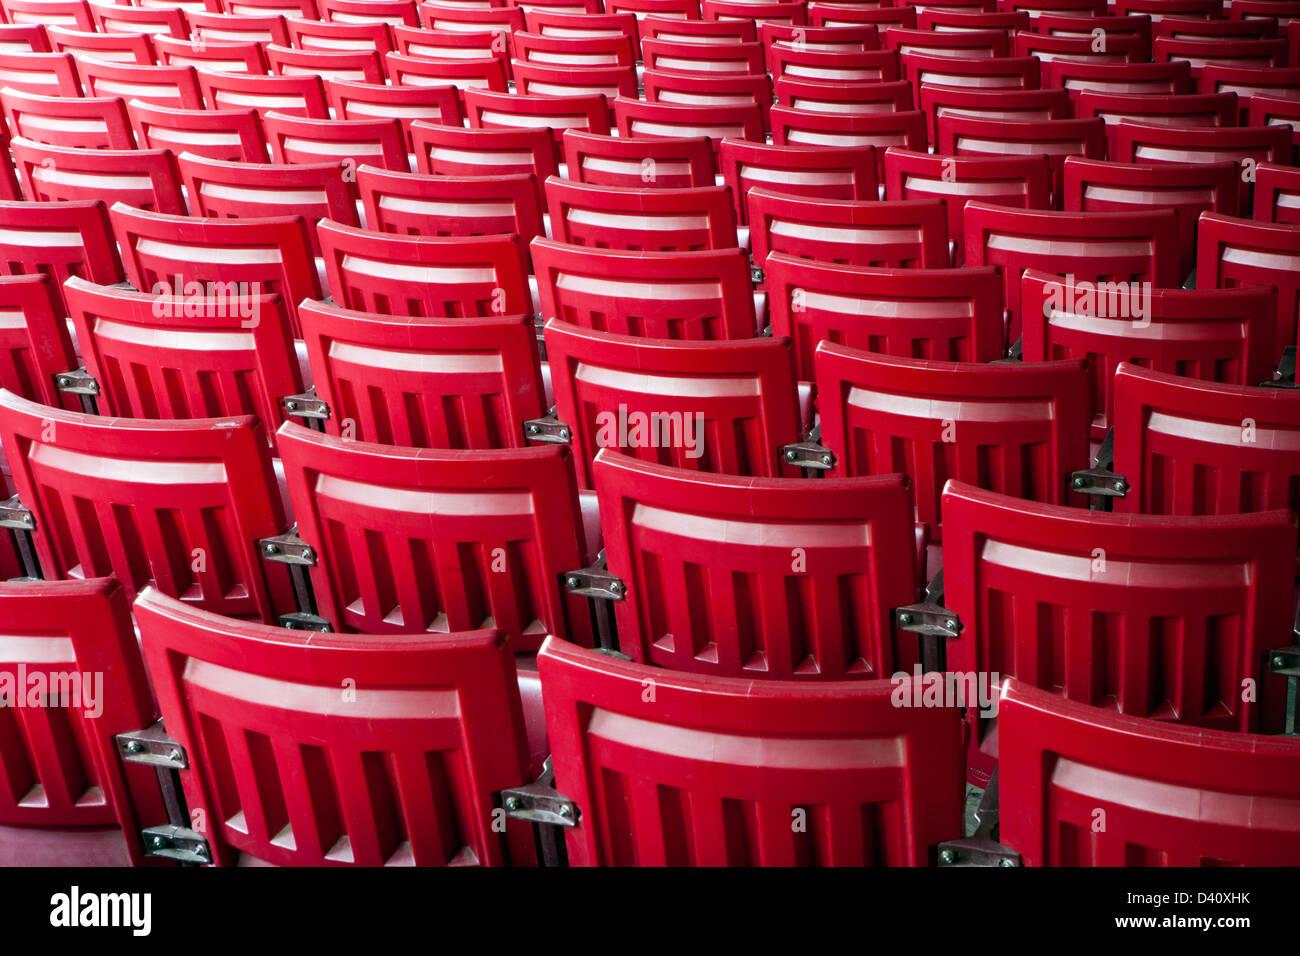 La repetición de patrones Silla Roja Imagen De Stock